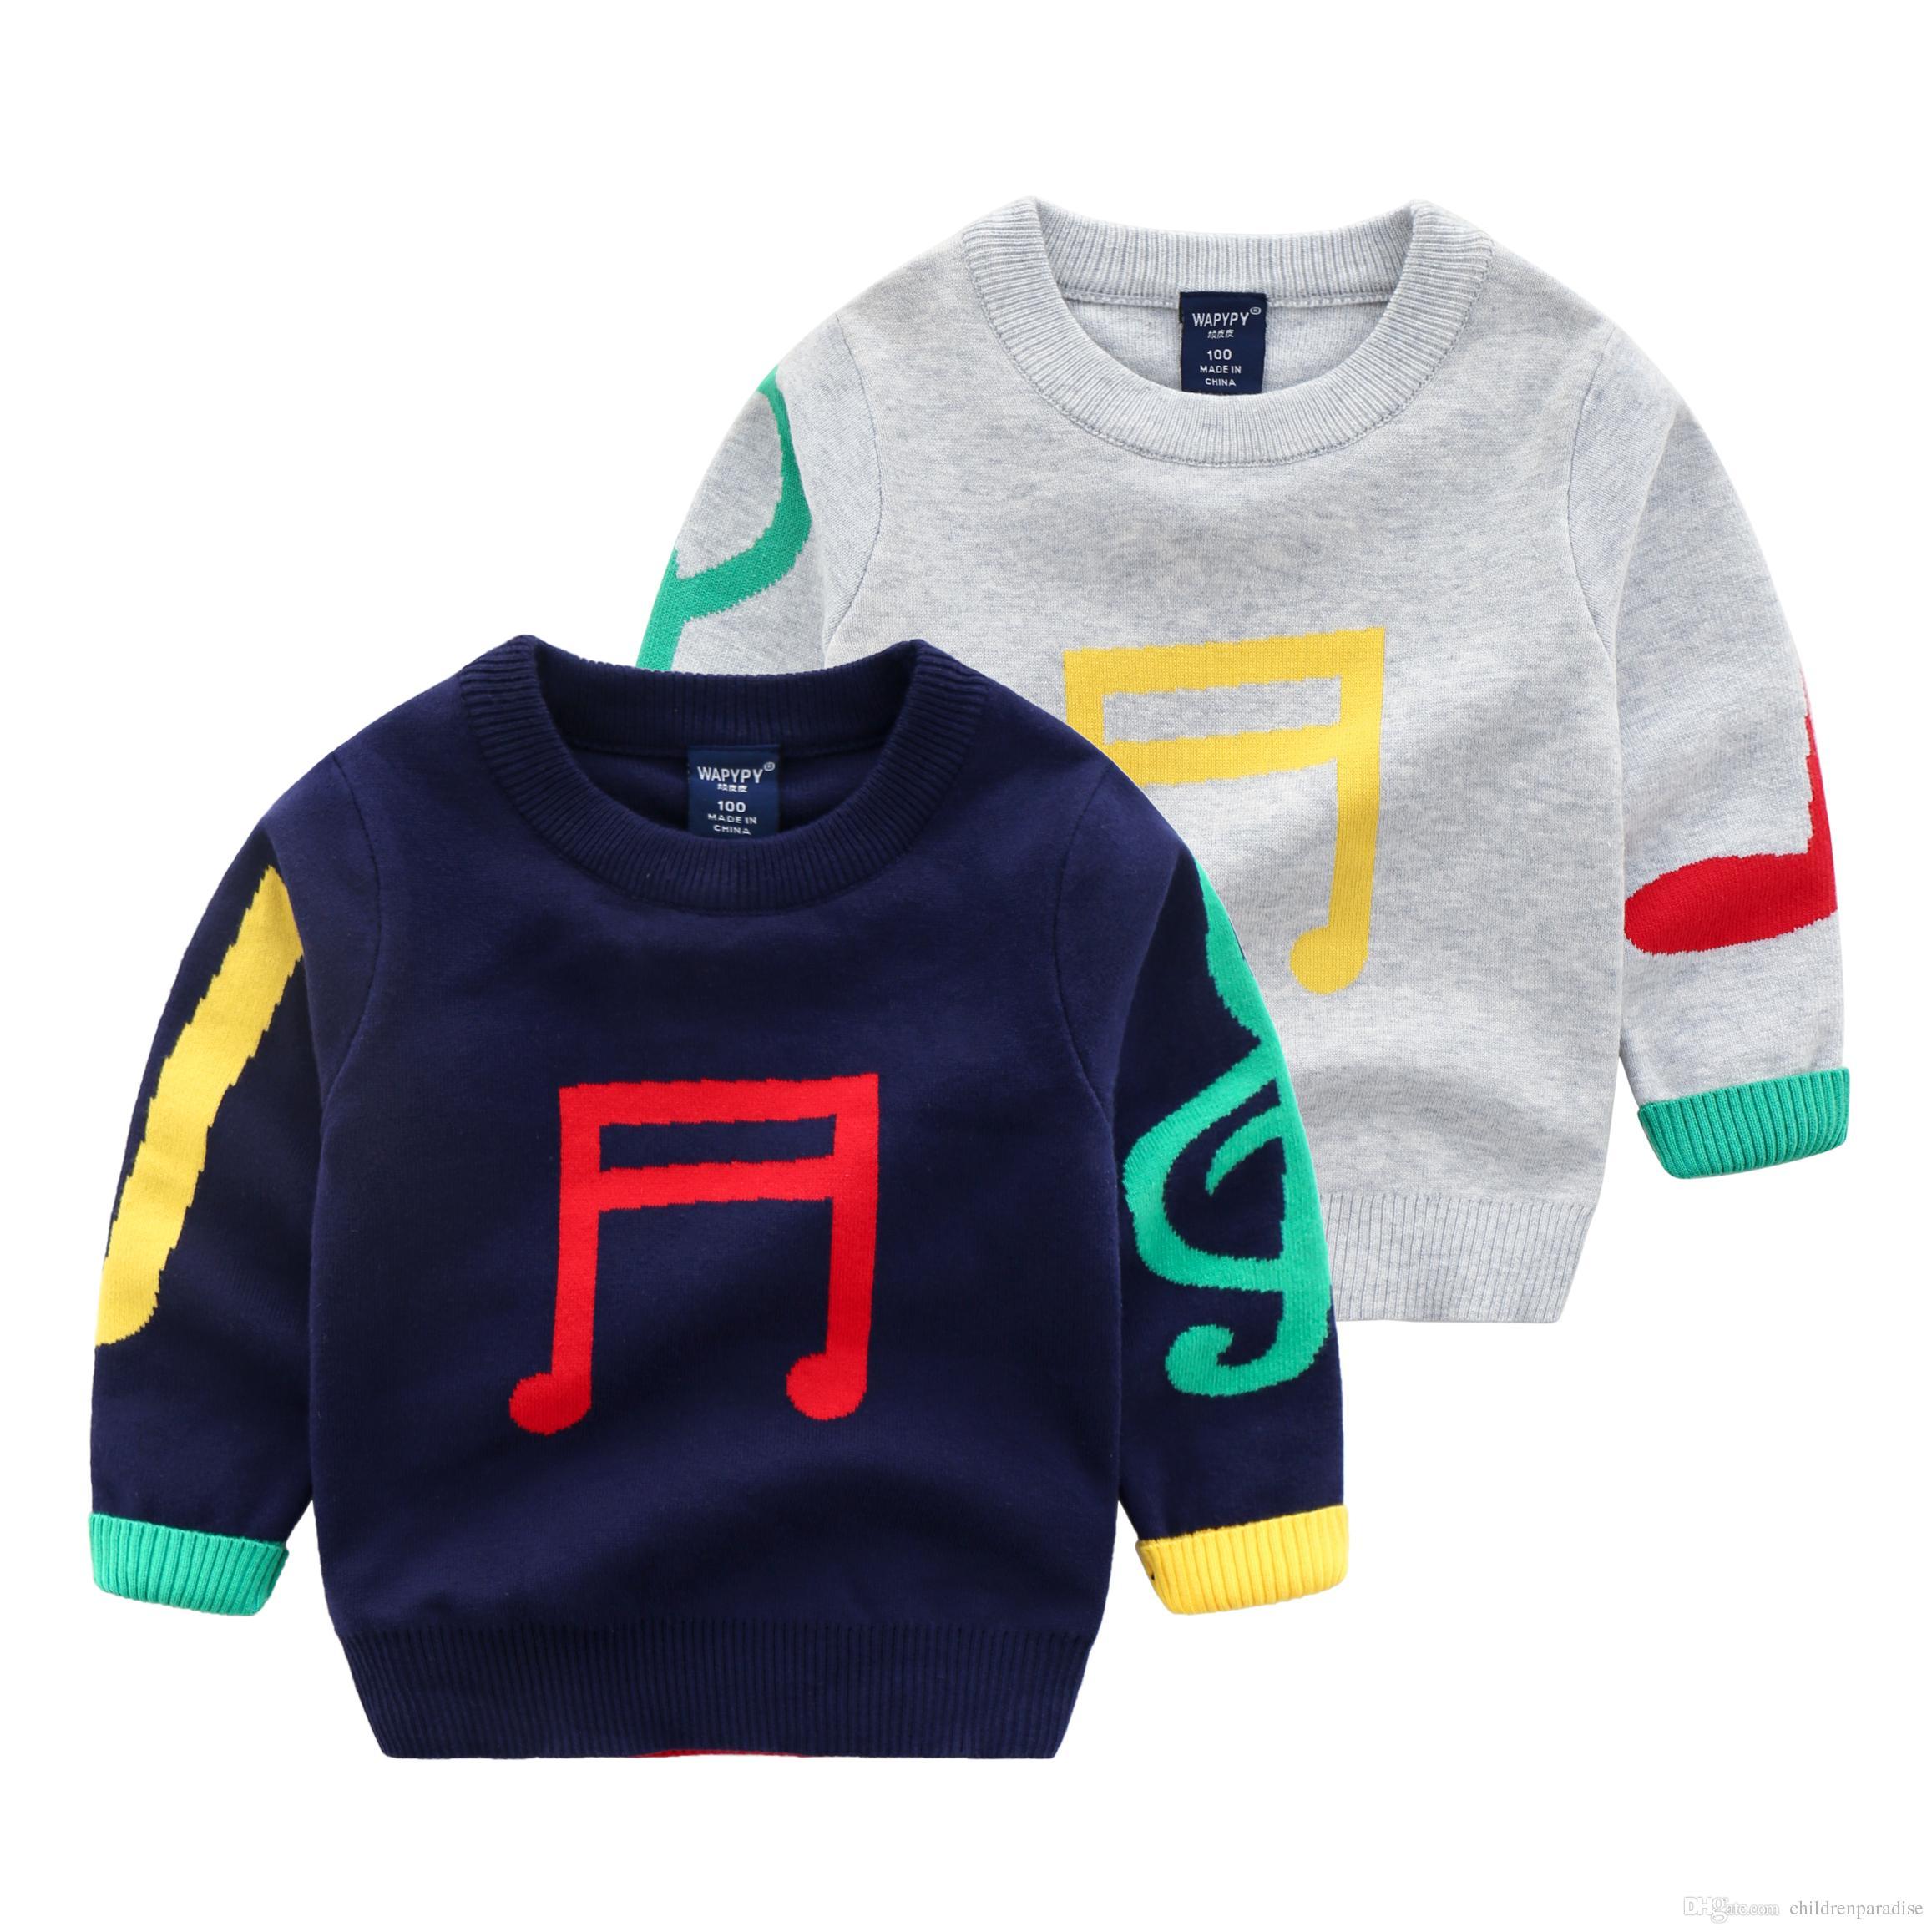 0ed89fd9290f Acquista 2018 Autunno Inverno O Collo Cotone Ragazzi Maglione Abbigliamento  Bambini Pullover Casual Baby Maglione Stampa Baby Maglione 24M Baby Tops A  ...